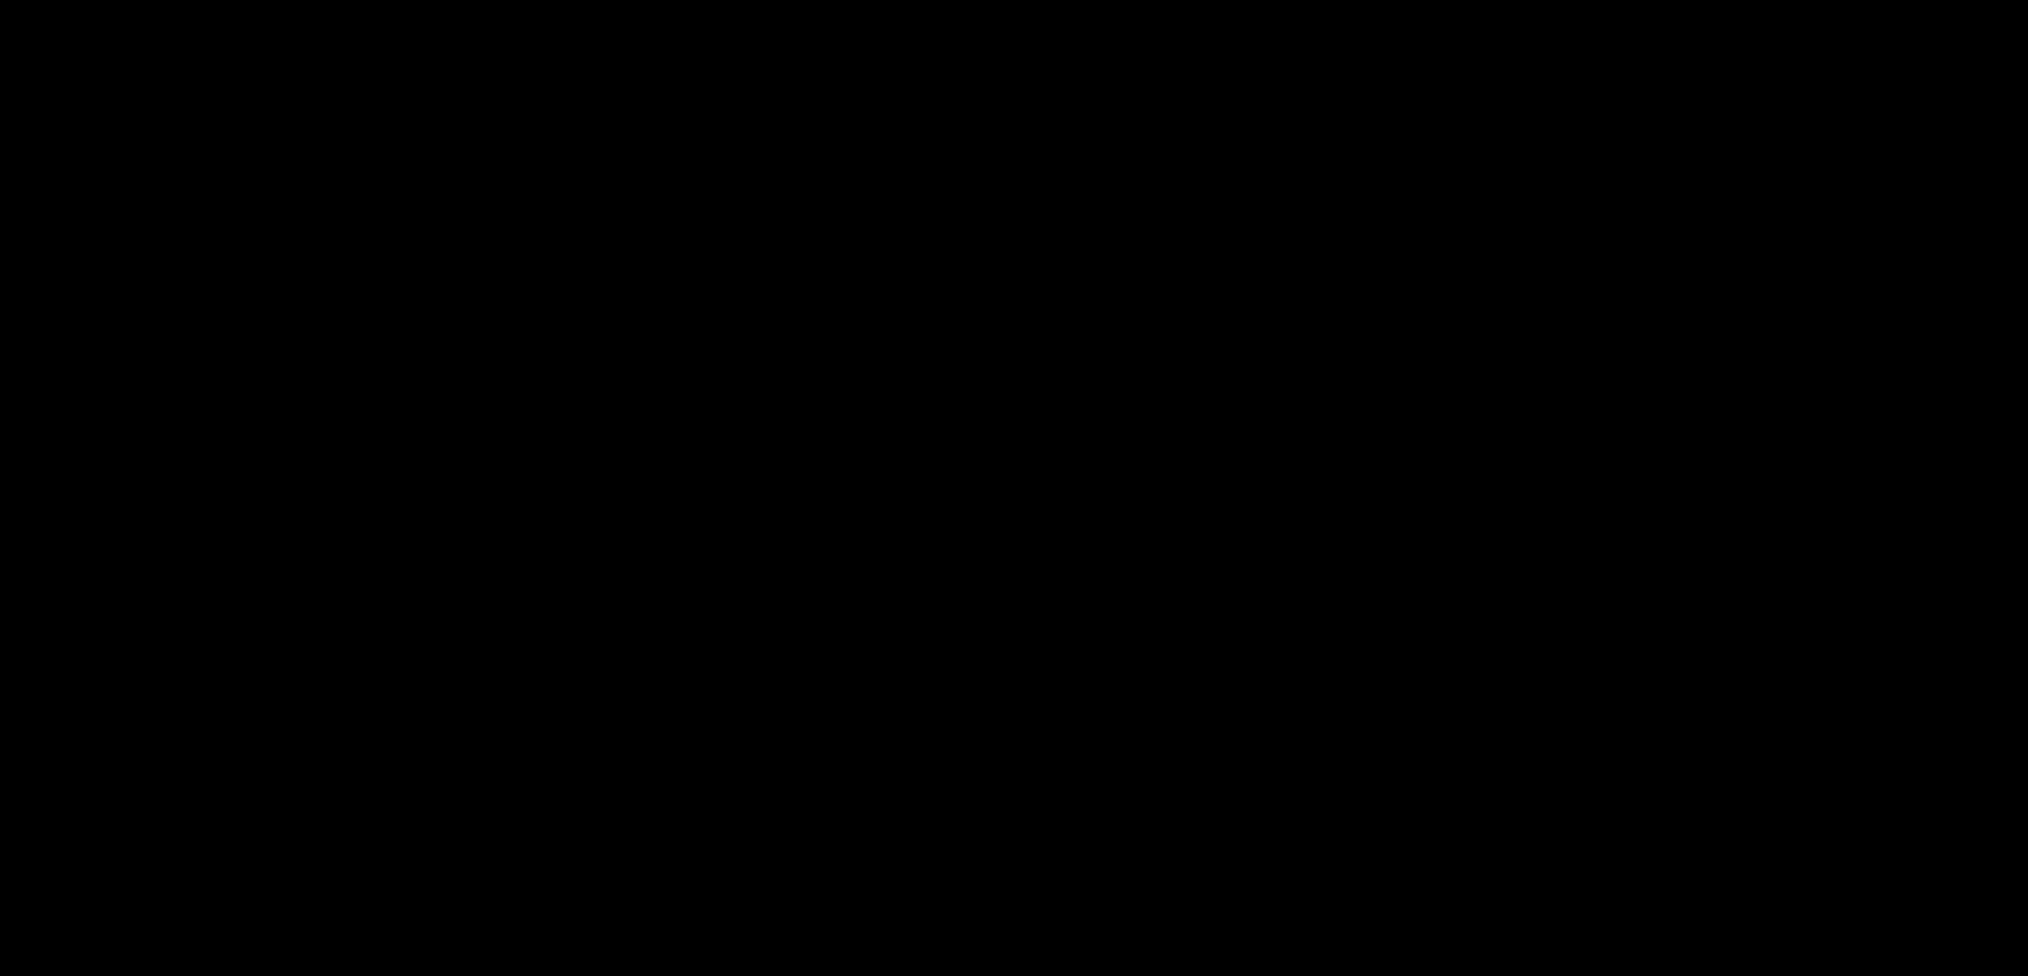 แลคตาซอยรักษ์ไทย กระเป๋ากระจูด